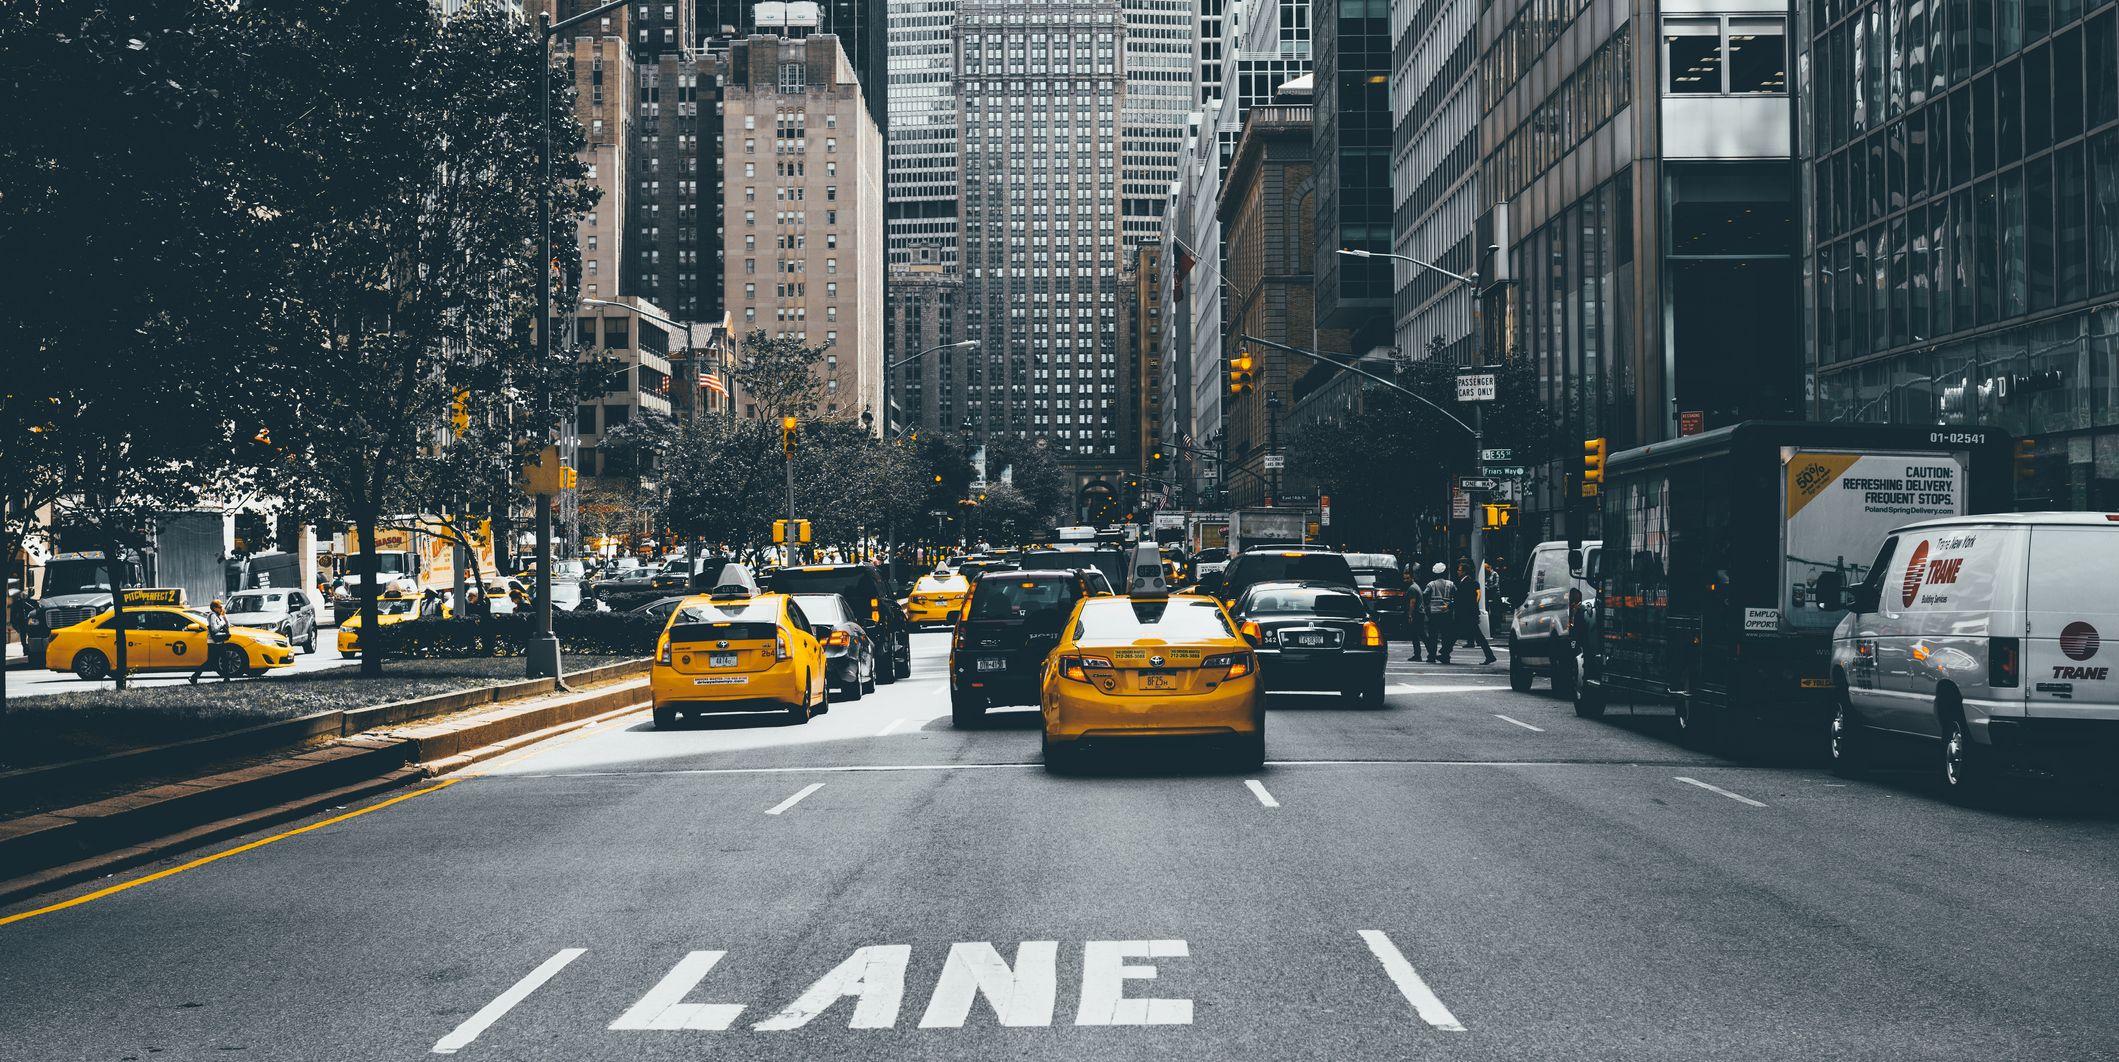 beste restaurants, New York, Times, New York Times, restaurants, New York, hotspots